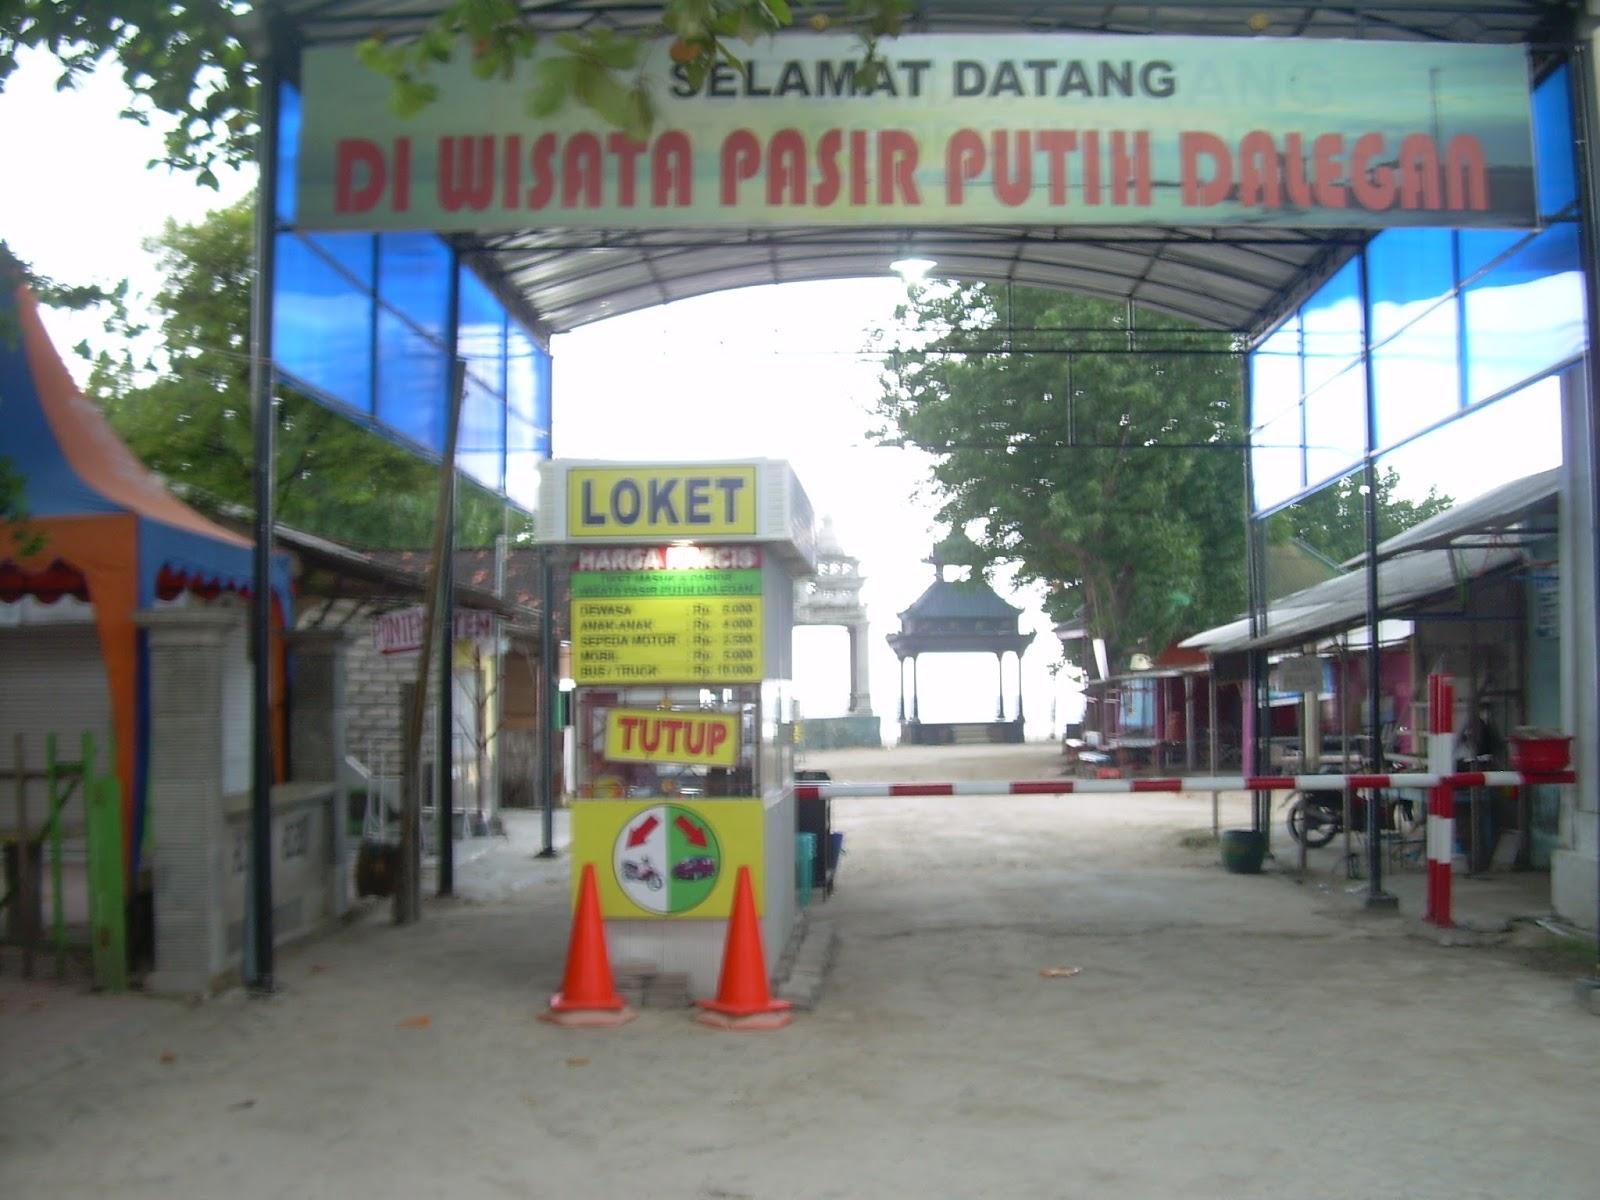 Wisata Kota Gresik Ndok Pantai Pasir Putih Dalegan Panceng Pulau